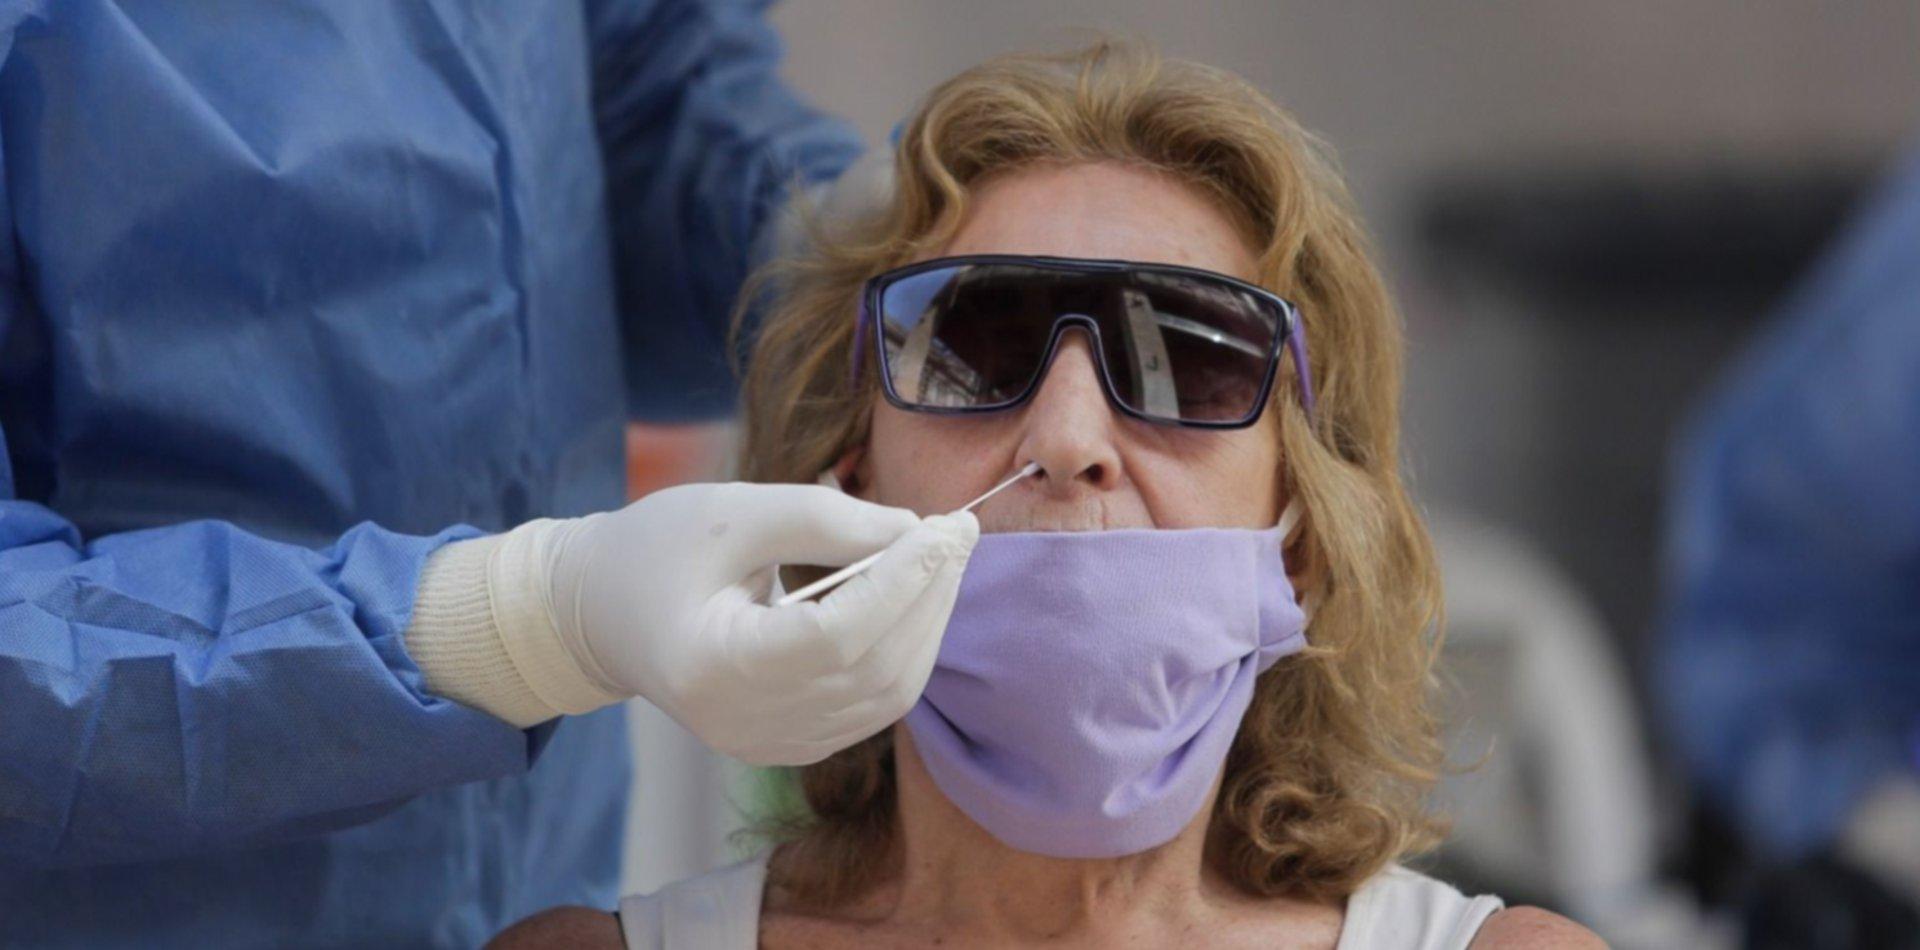 Aprobaron el primer test rápido para detectar el coronavirus en casa